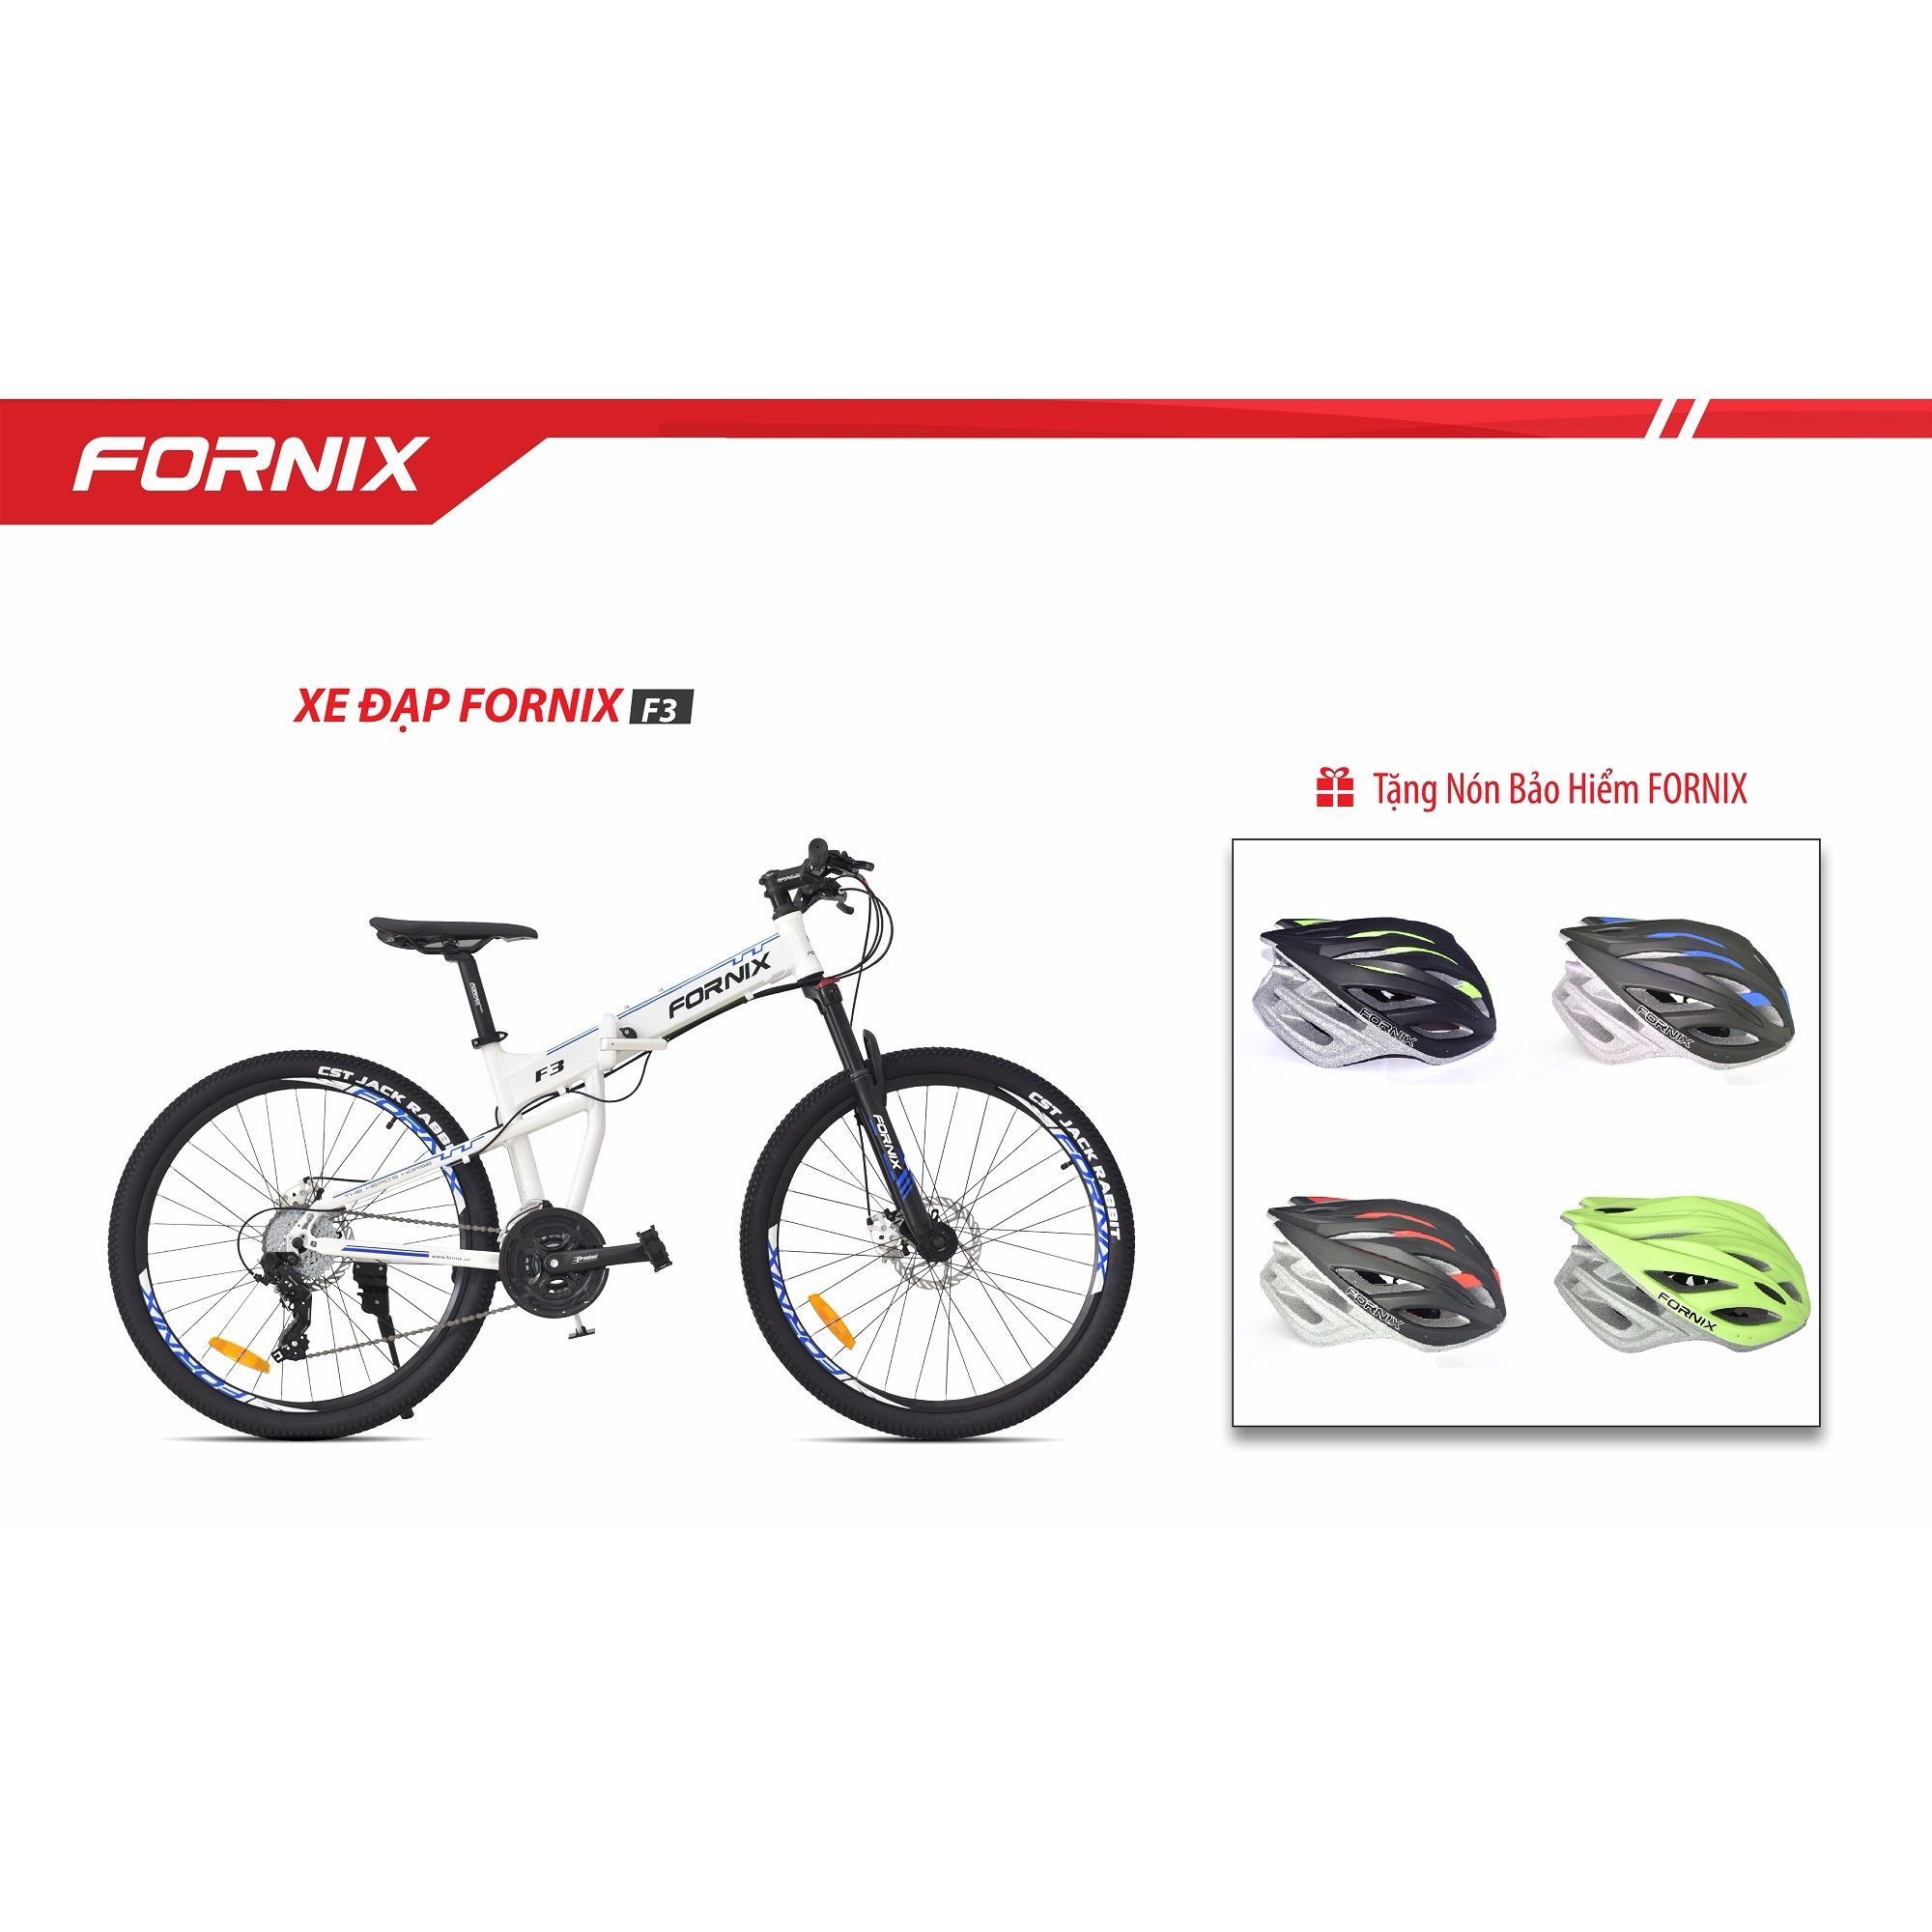 Xe đạp gấp địa hình thể thao Fornix F3 (trắng xanh)+ tặng nón bảo hiểm A02NX1